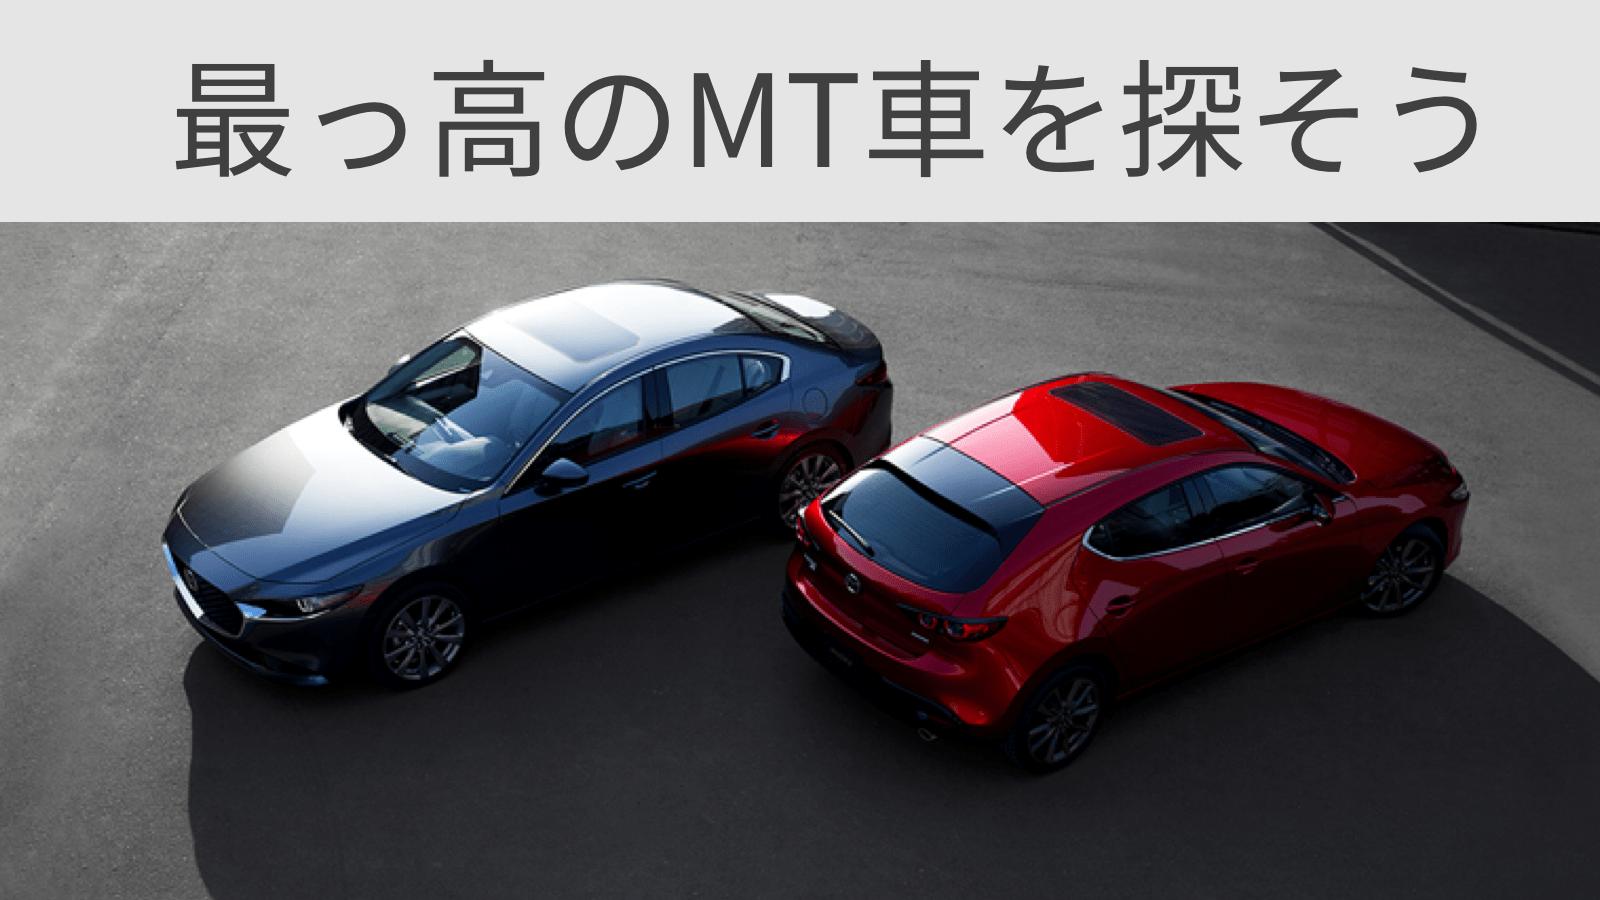 最高のMT車を探そう